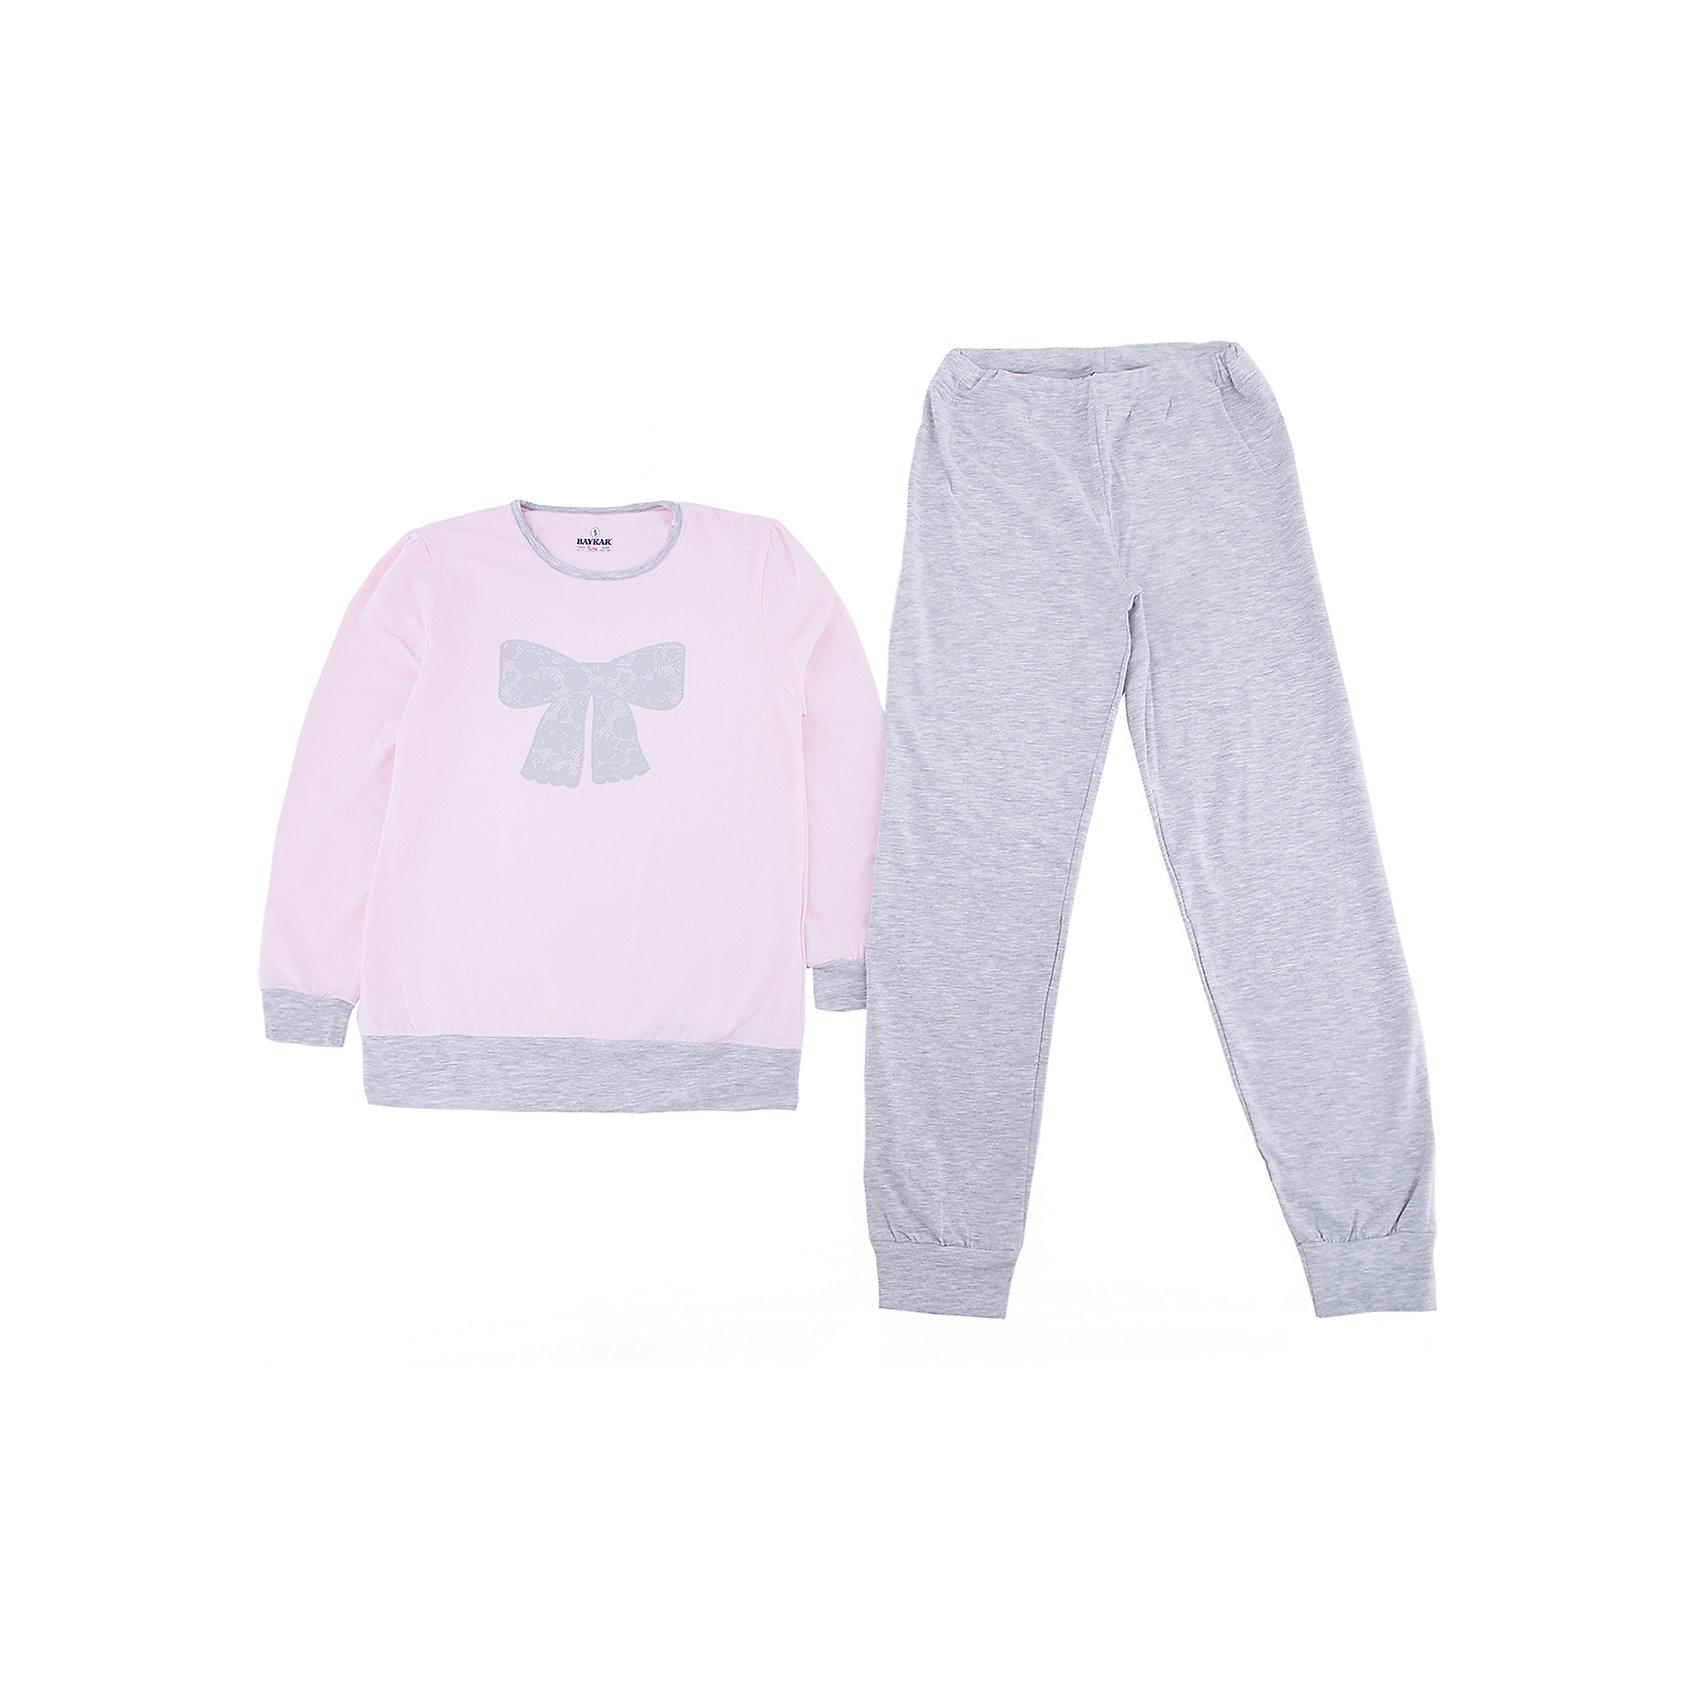 Пижама для девочки BaykarПижамы и сорочки<br>Характеристики товара:<br><br>• цвет: розовый<br>• состав ткани: 48% модал; 48% хлопок; 4% эластан<br>• комплектация: кофта, брюки<br>• пояс брюк: резинка<br>• манжеты<br>• сезон: круглый год<br>• страна бренда: Турция<br>• страна изготовитель: Турция<br><br>Пижама для девочки Baykar украшена симпатичным принтом. Этот комплект для сна из кофты и брюк сделан из мягкого дышащего материала. <br><br>Мягкие манжеты обеспечивают комфортную посадку. Качественная пижама для девочки позволяет обеспечить комфортный сон.<br><br>Пижаму для девочки Baykar (Байкар) можно купить в нашем интернет-магазине.<br><br>Ширина мм: 281<br>Глубина мм: 70<br>Высота мм: 188<br>Вес г: 295<br>Цвет: розовый<br>Возраст от месяцев: 108<br>Возраст до месяцев: 120<br>Пол: Женский<br>Возраст: Детский<br>Размер: 134/140,140/146,122/128,128/134<br>SKU: 6764719